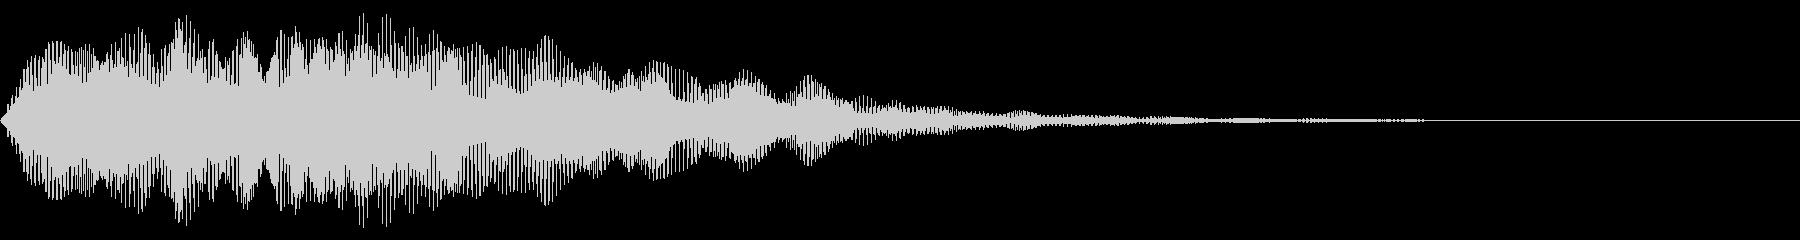 ホワ~ン 異次元空間へ突入の未再生の波形